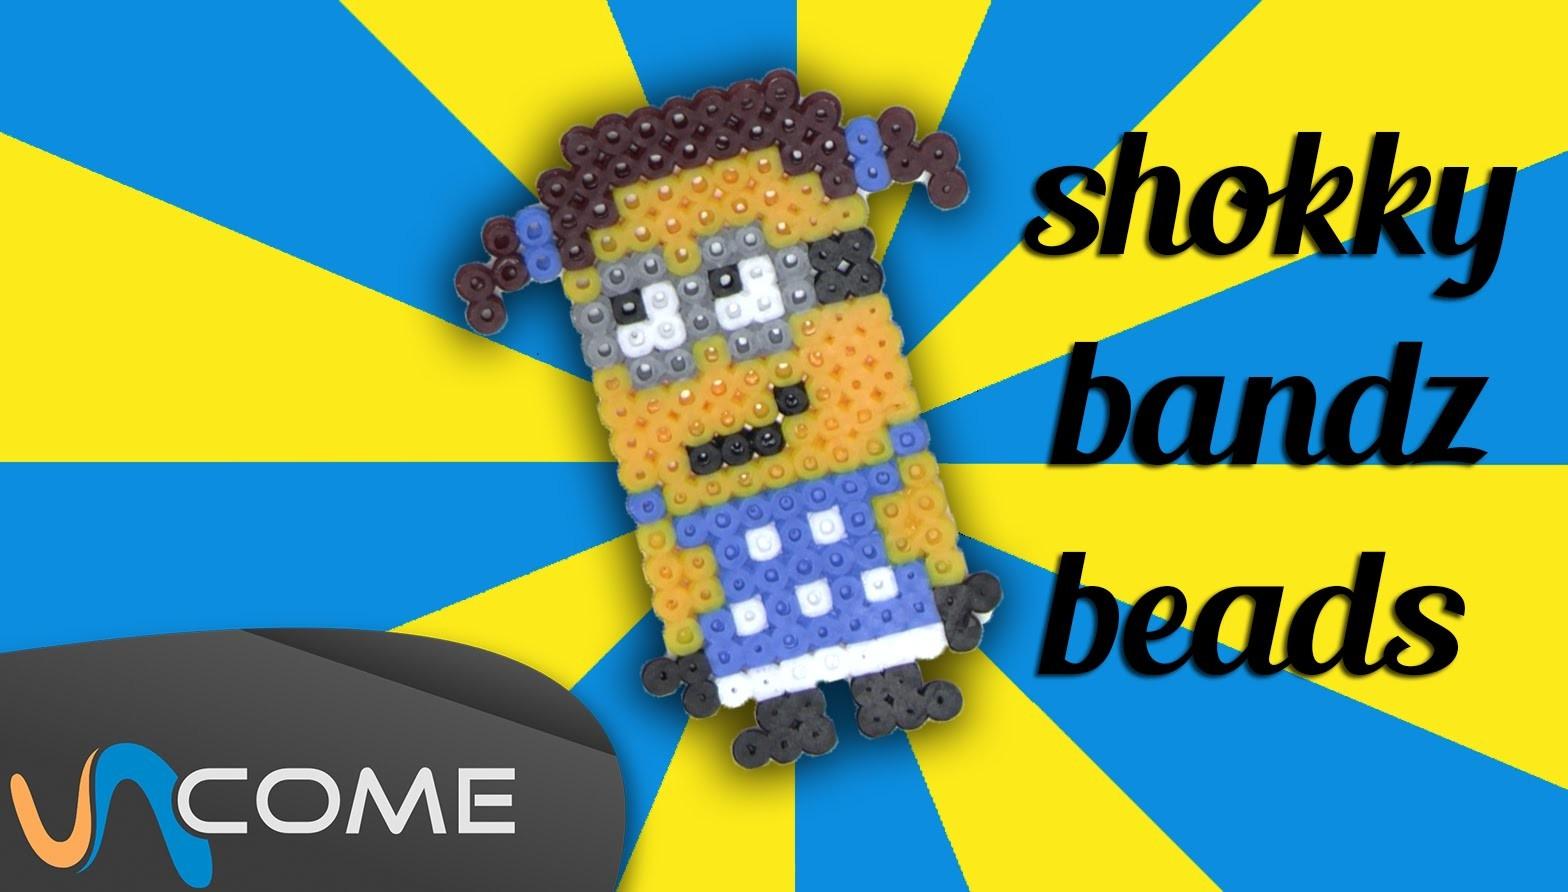 Minion bimba con shokky bandz beads